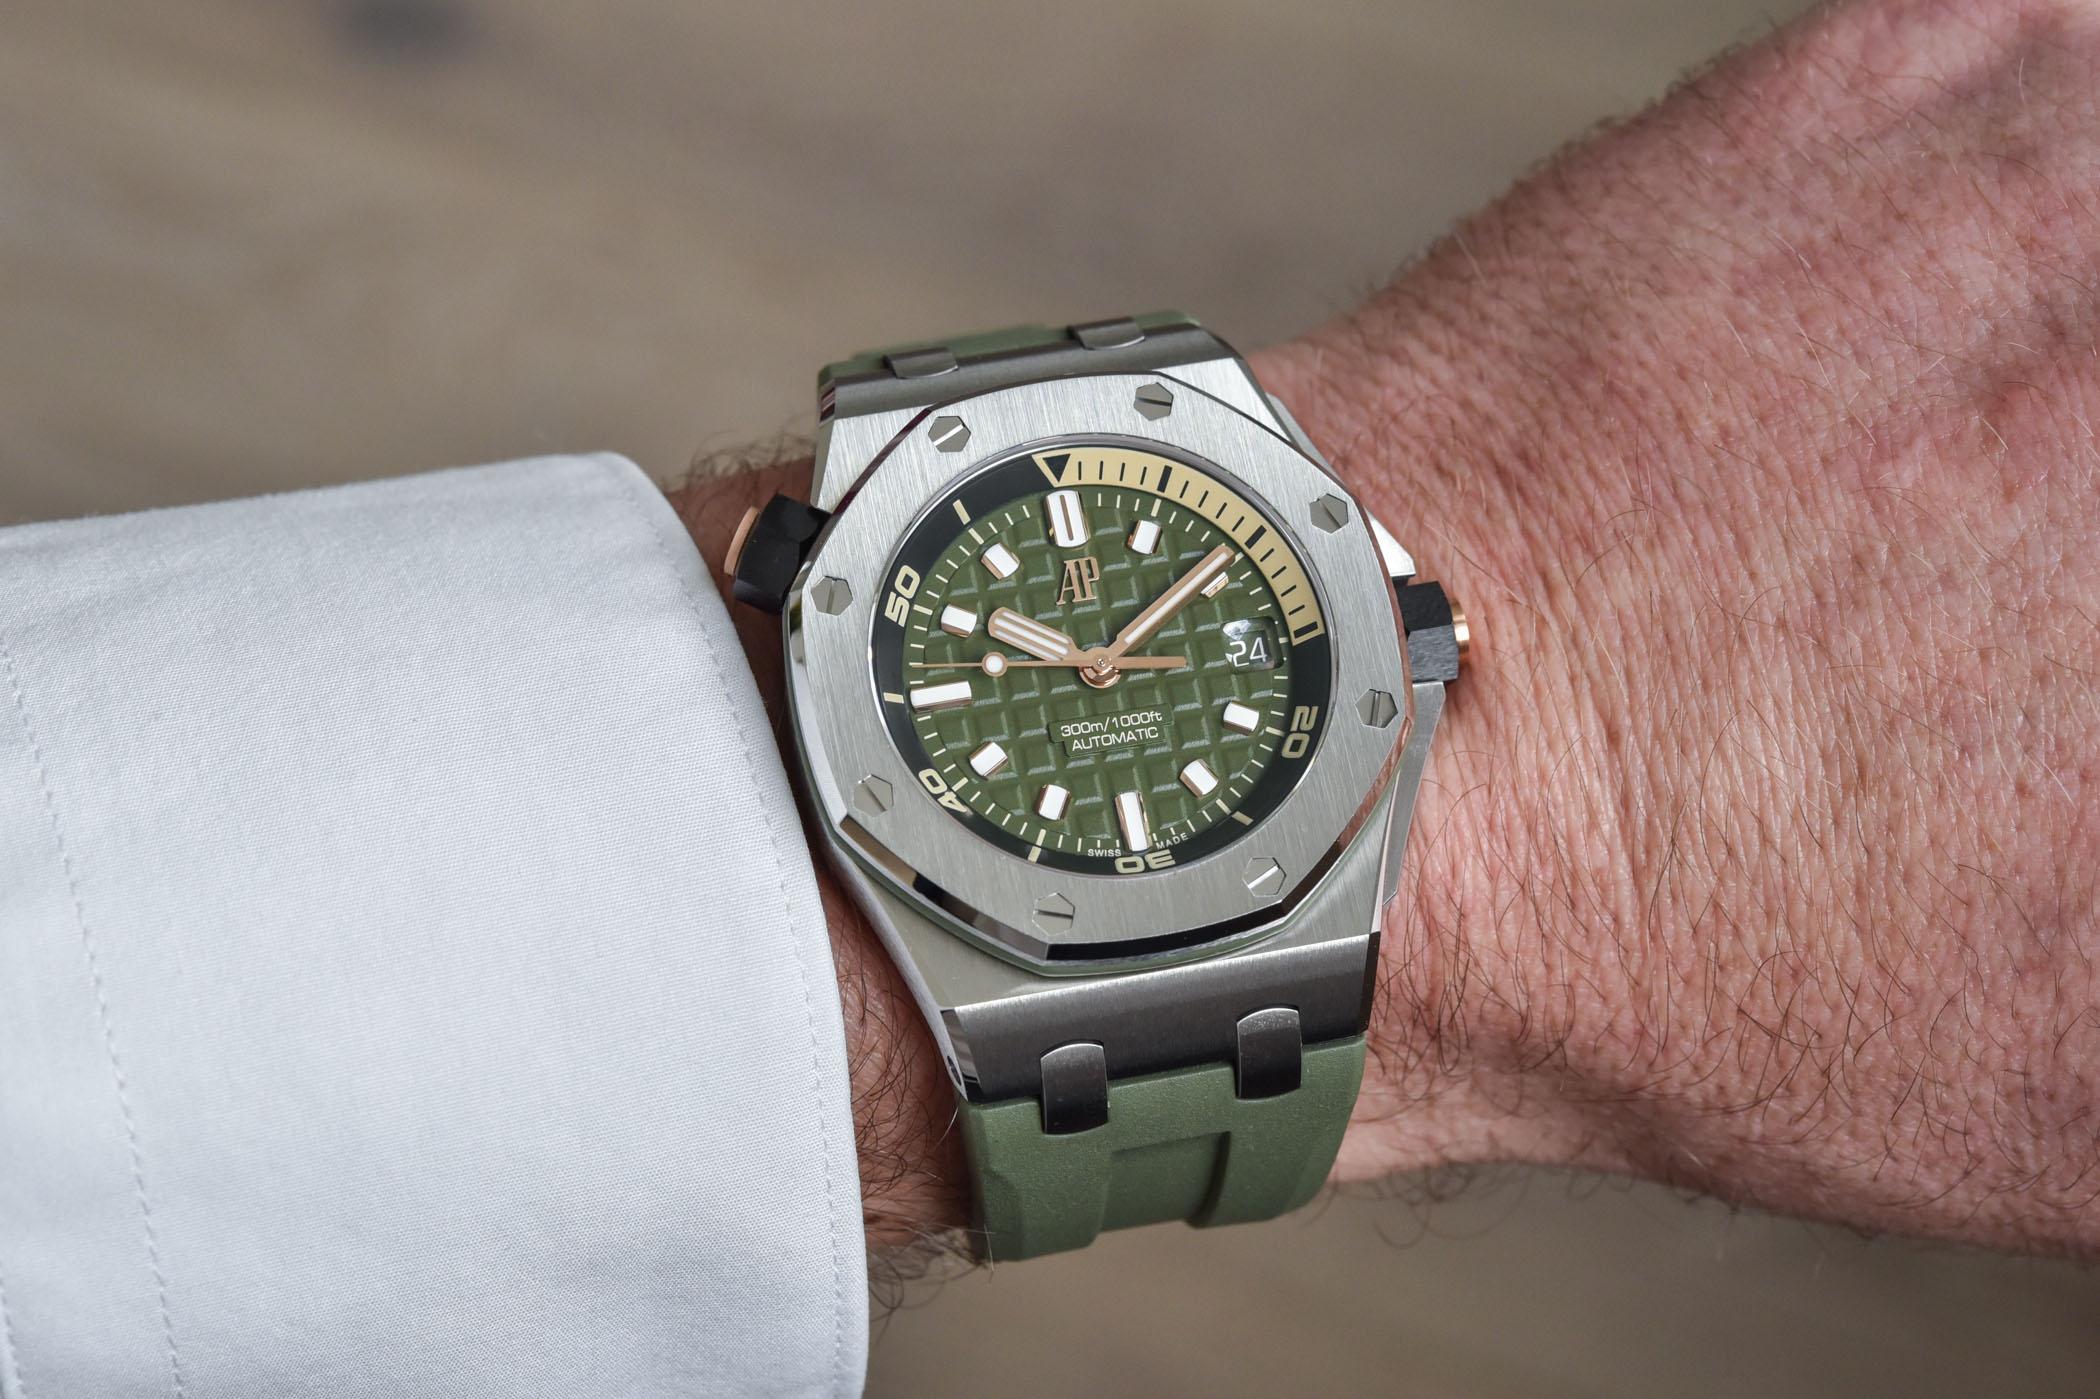 2021 Audemars Piguet Royal Oak Offshore Diver 42mm - 15720ST